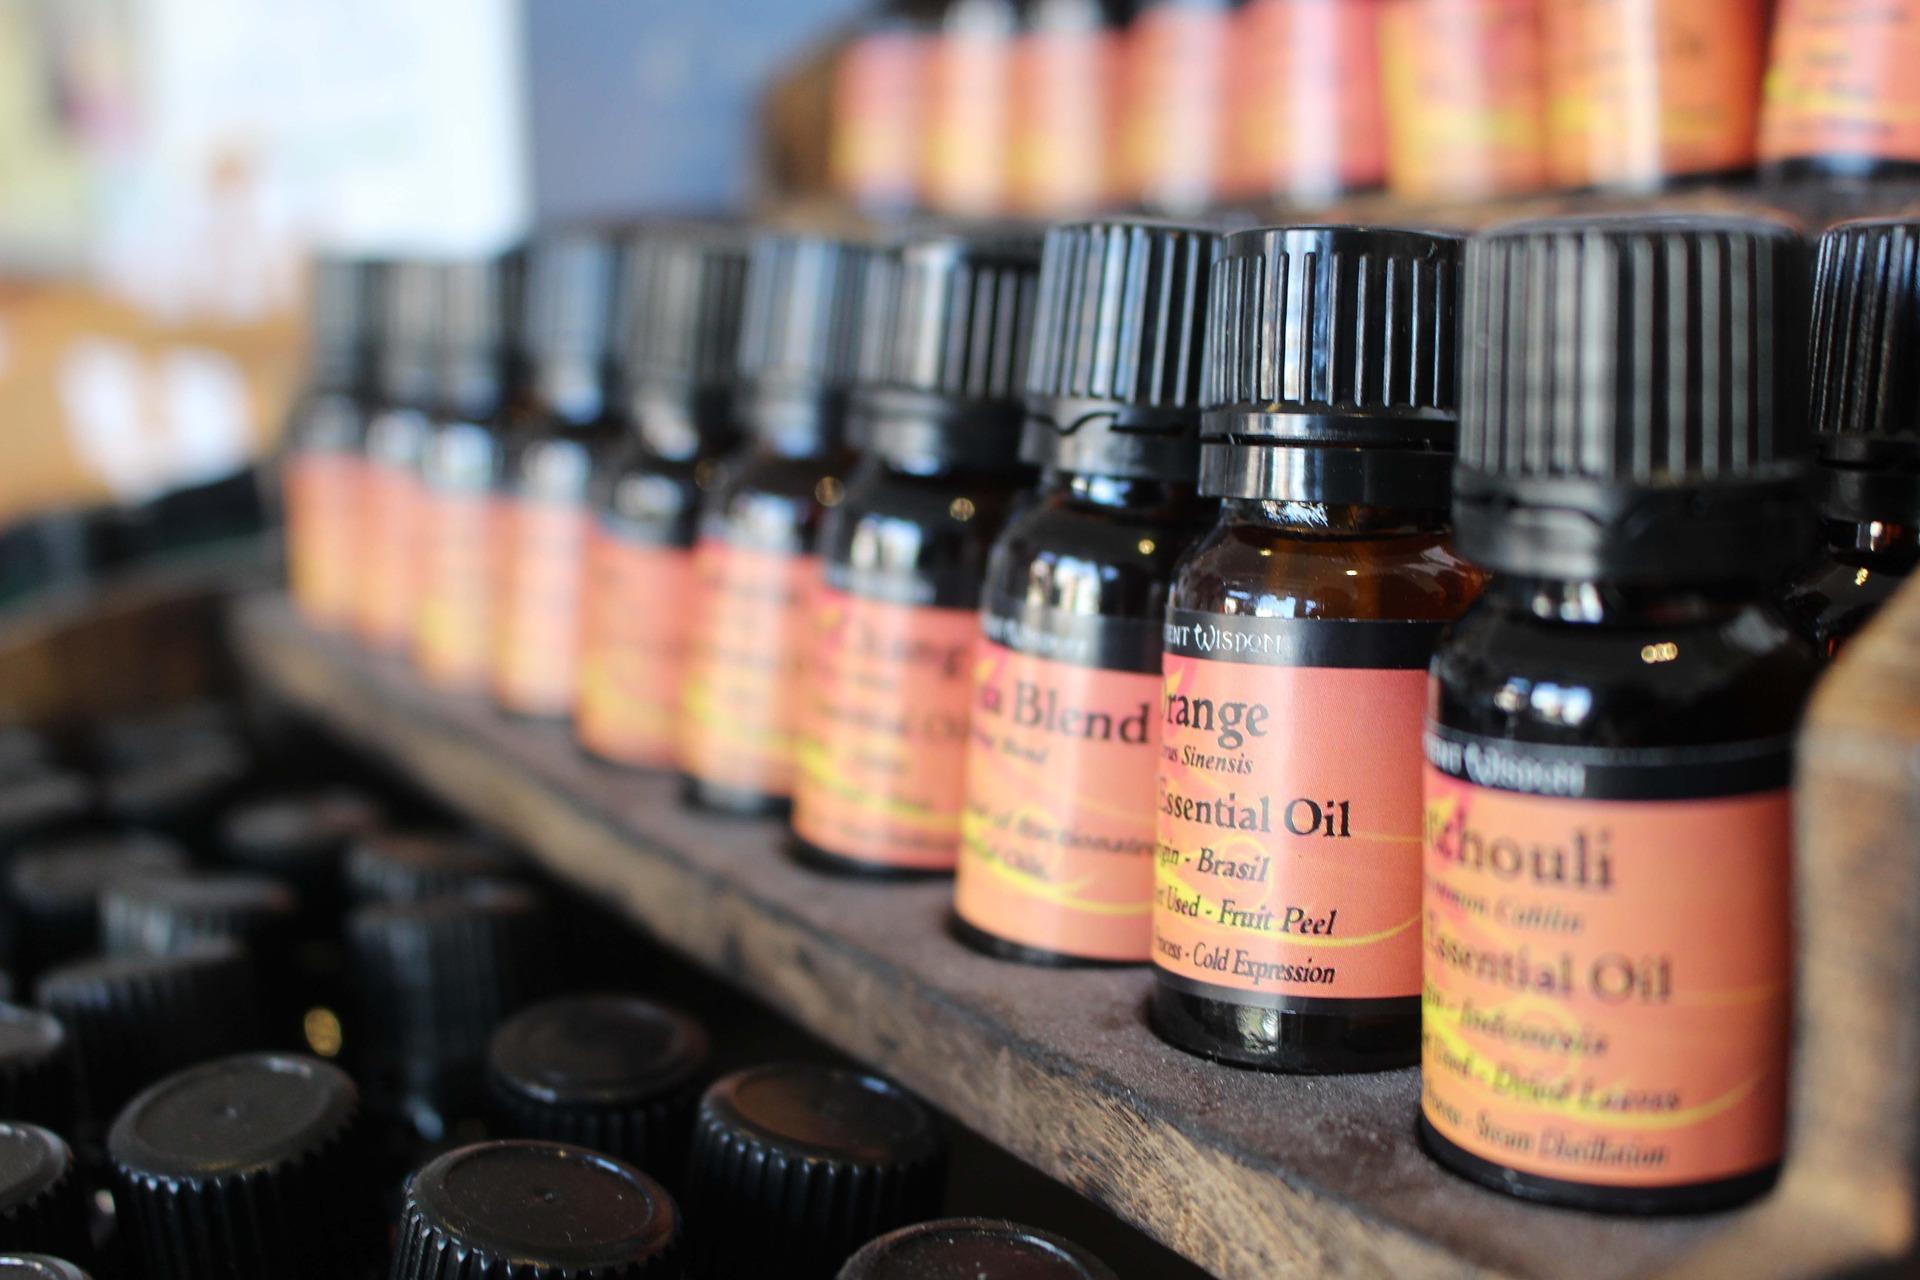 Yoga essential oil promo image